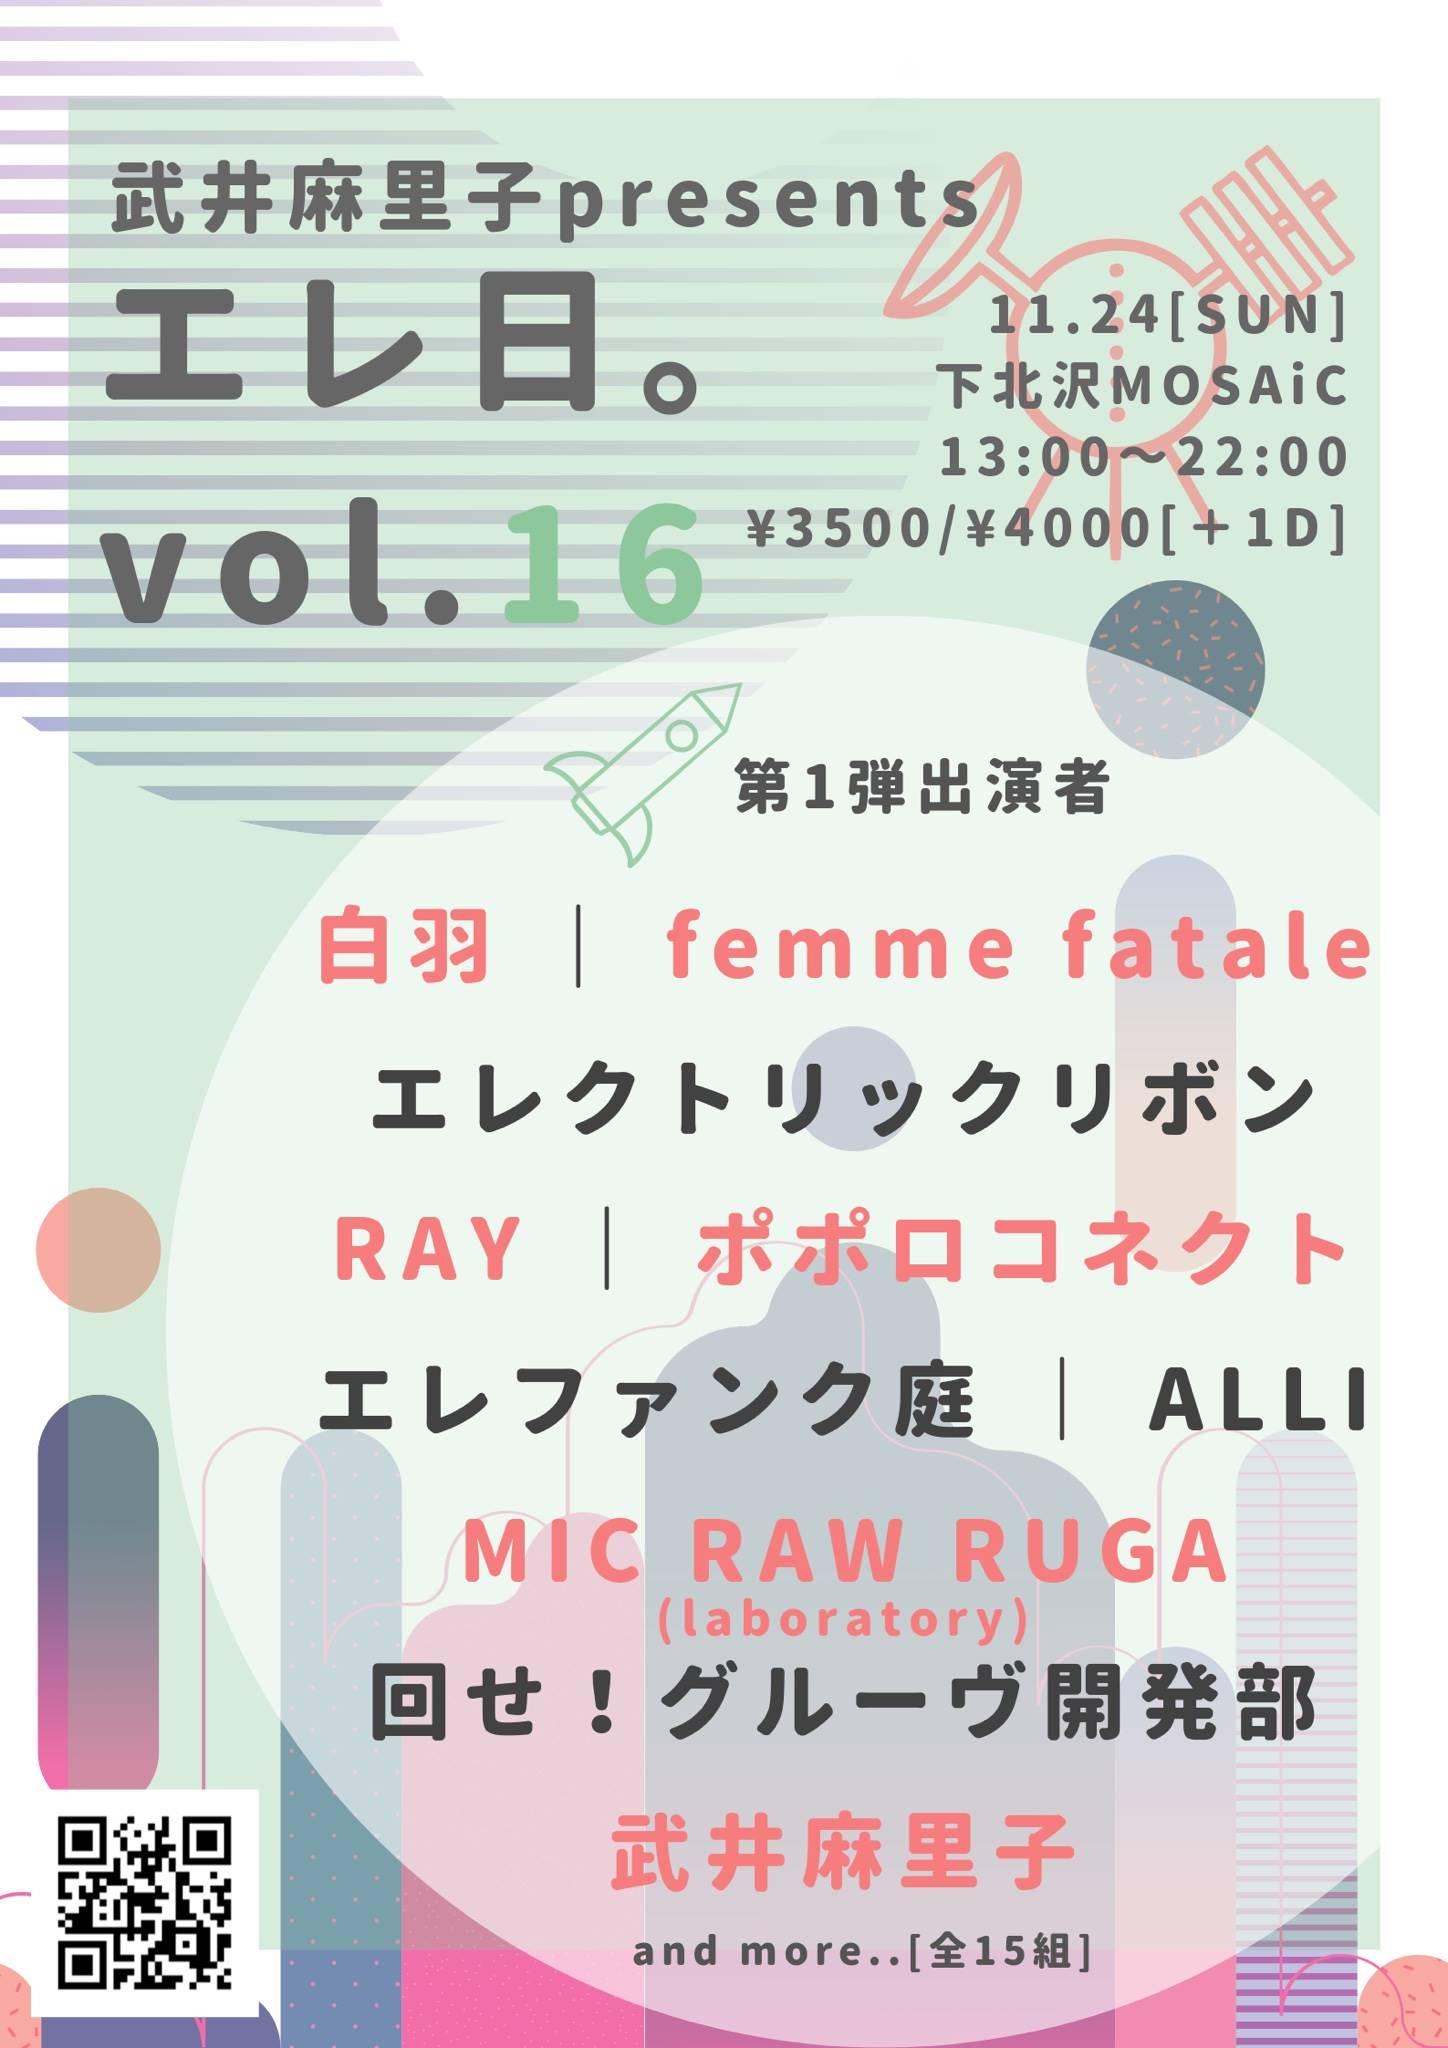 2019.11.24 武井麻里子presents『エレ日。vol.16』